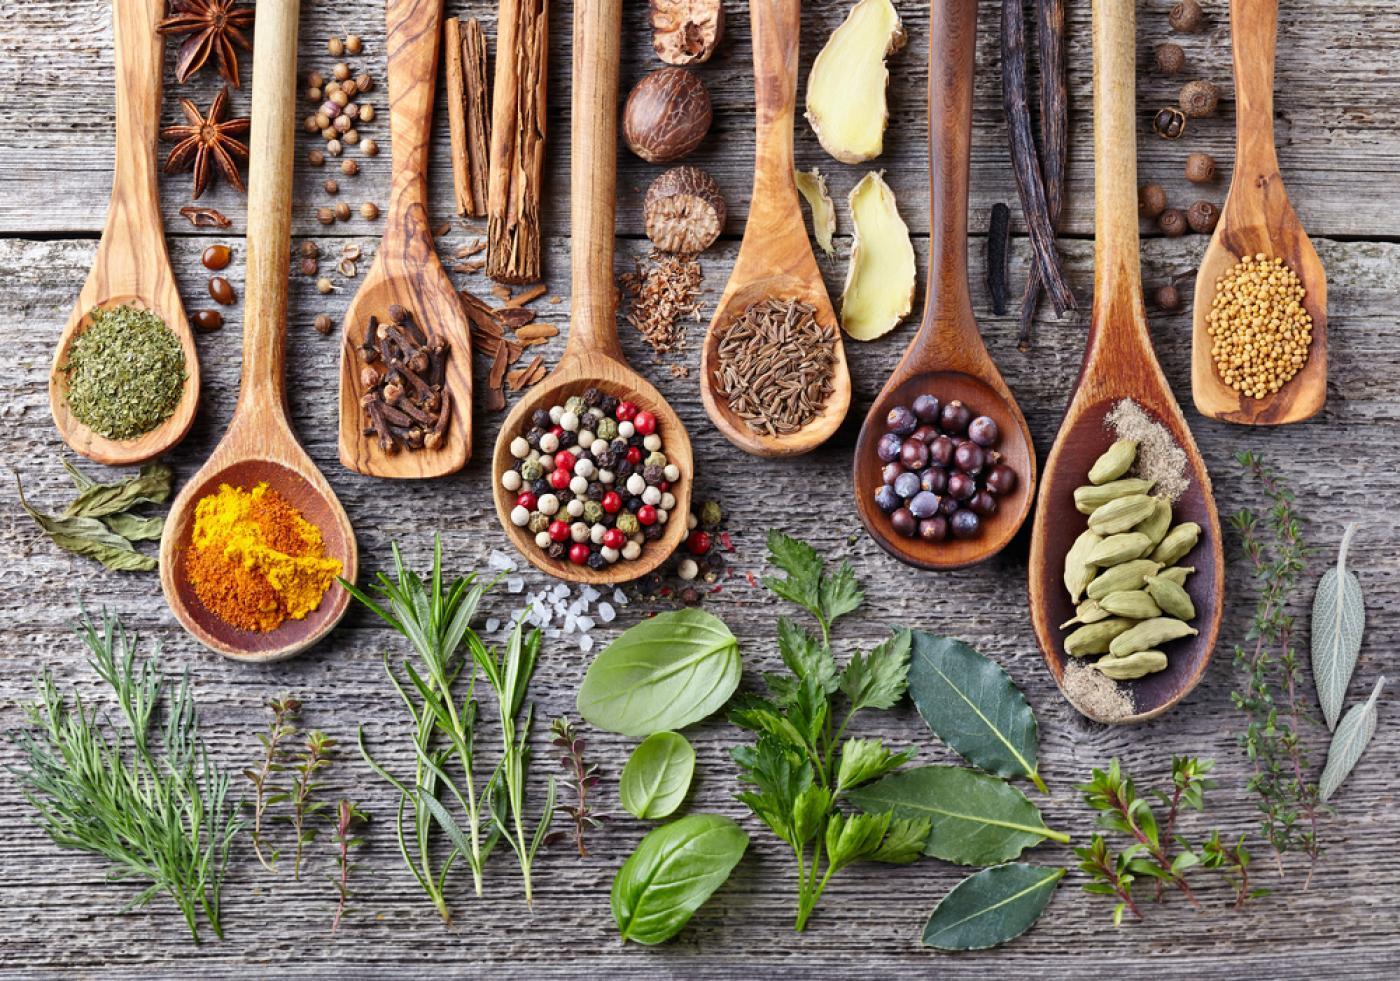 éttermek, amelyek segítenek a fogyásban